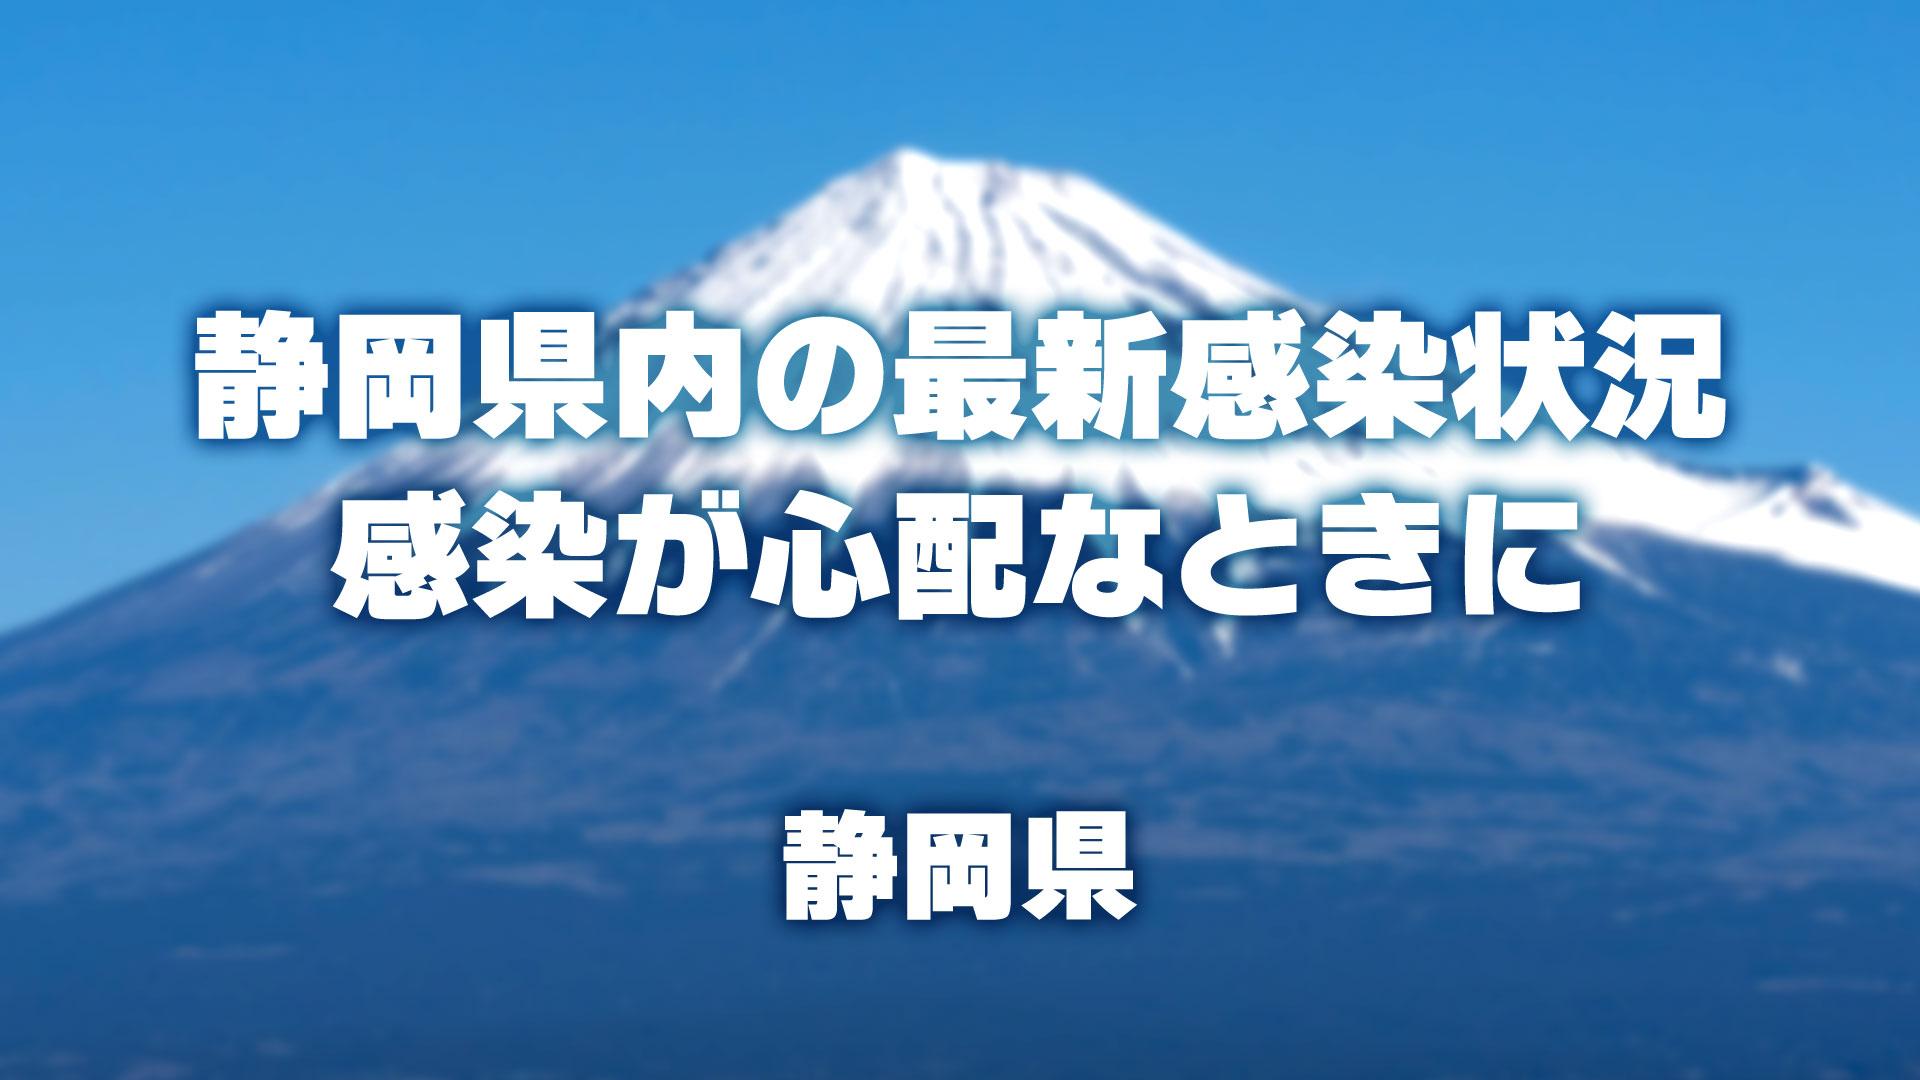 新型 コロナ ウイルス 静岡 県